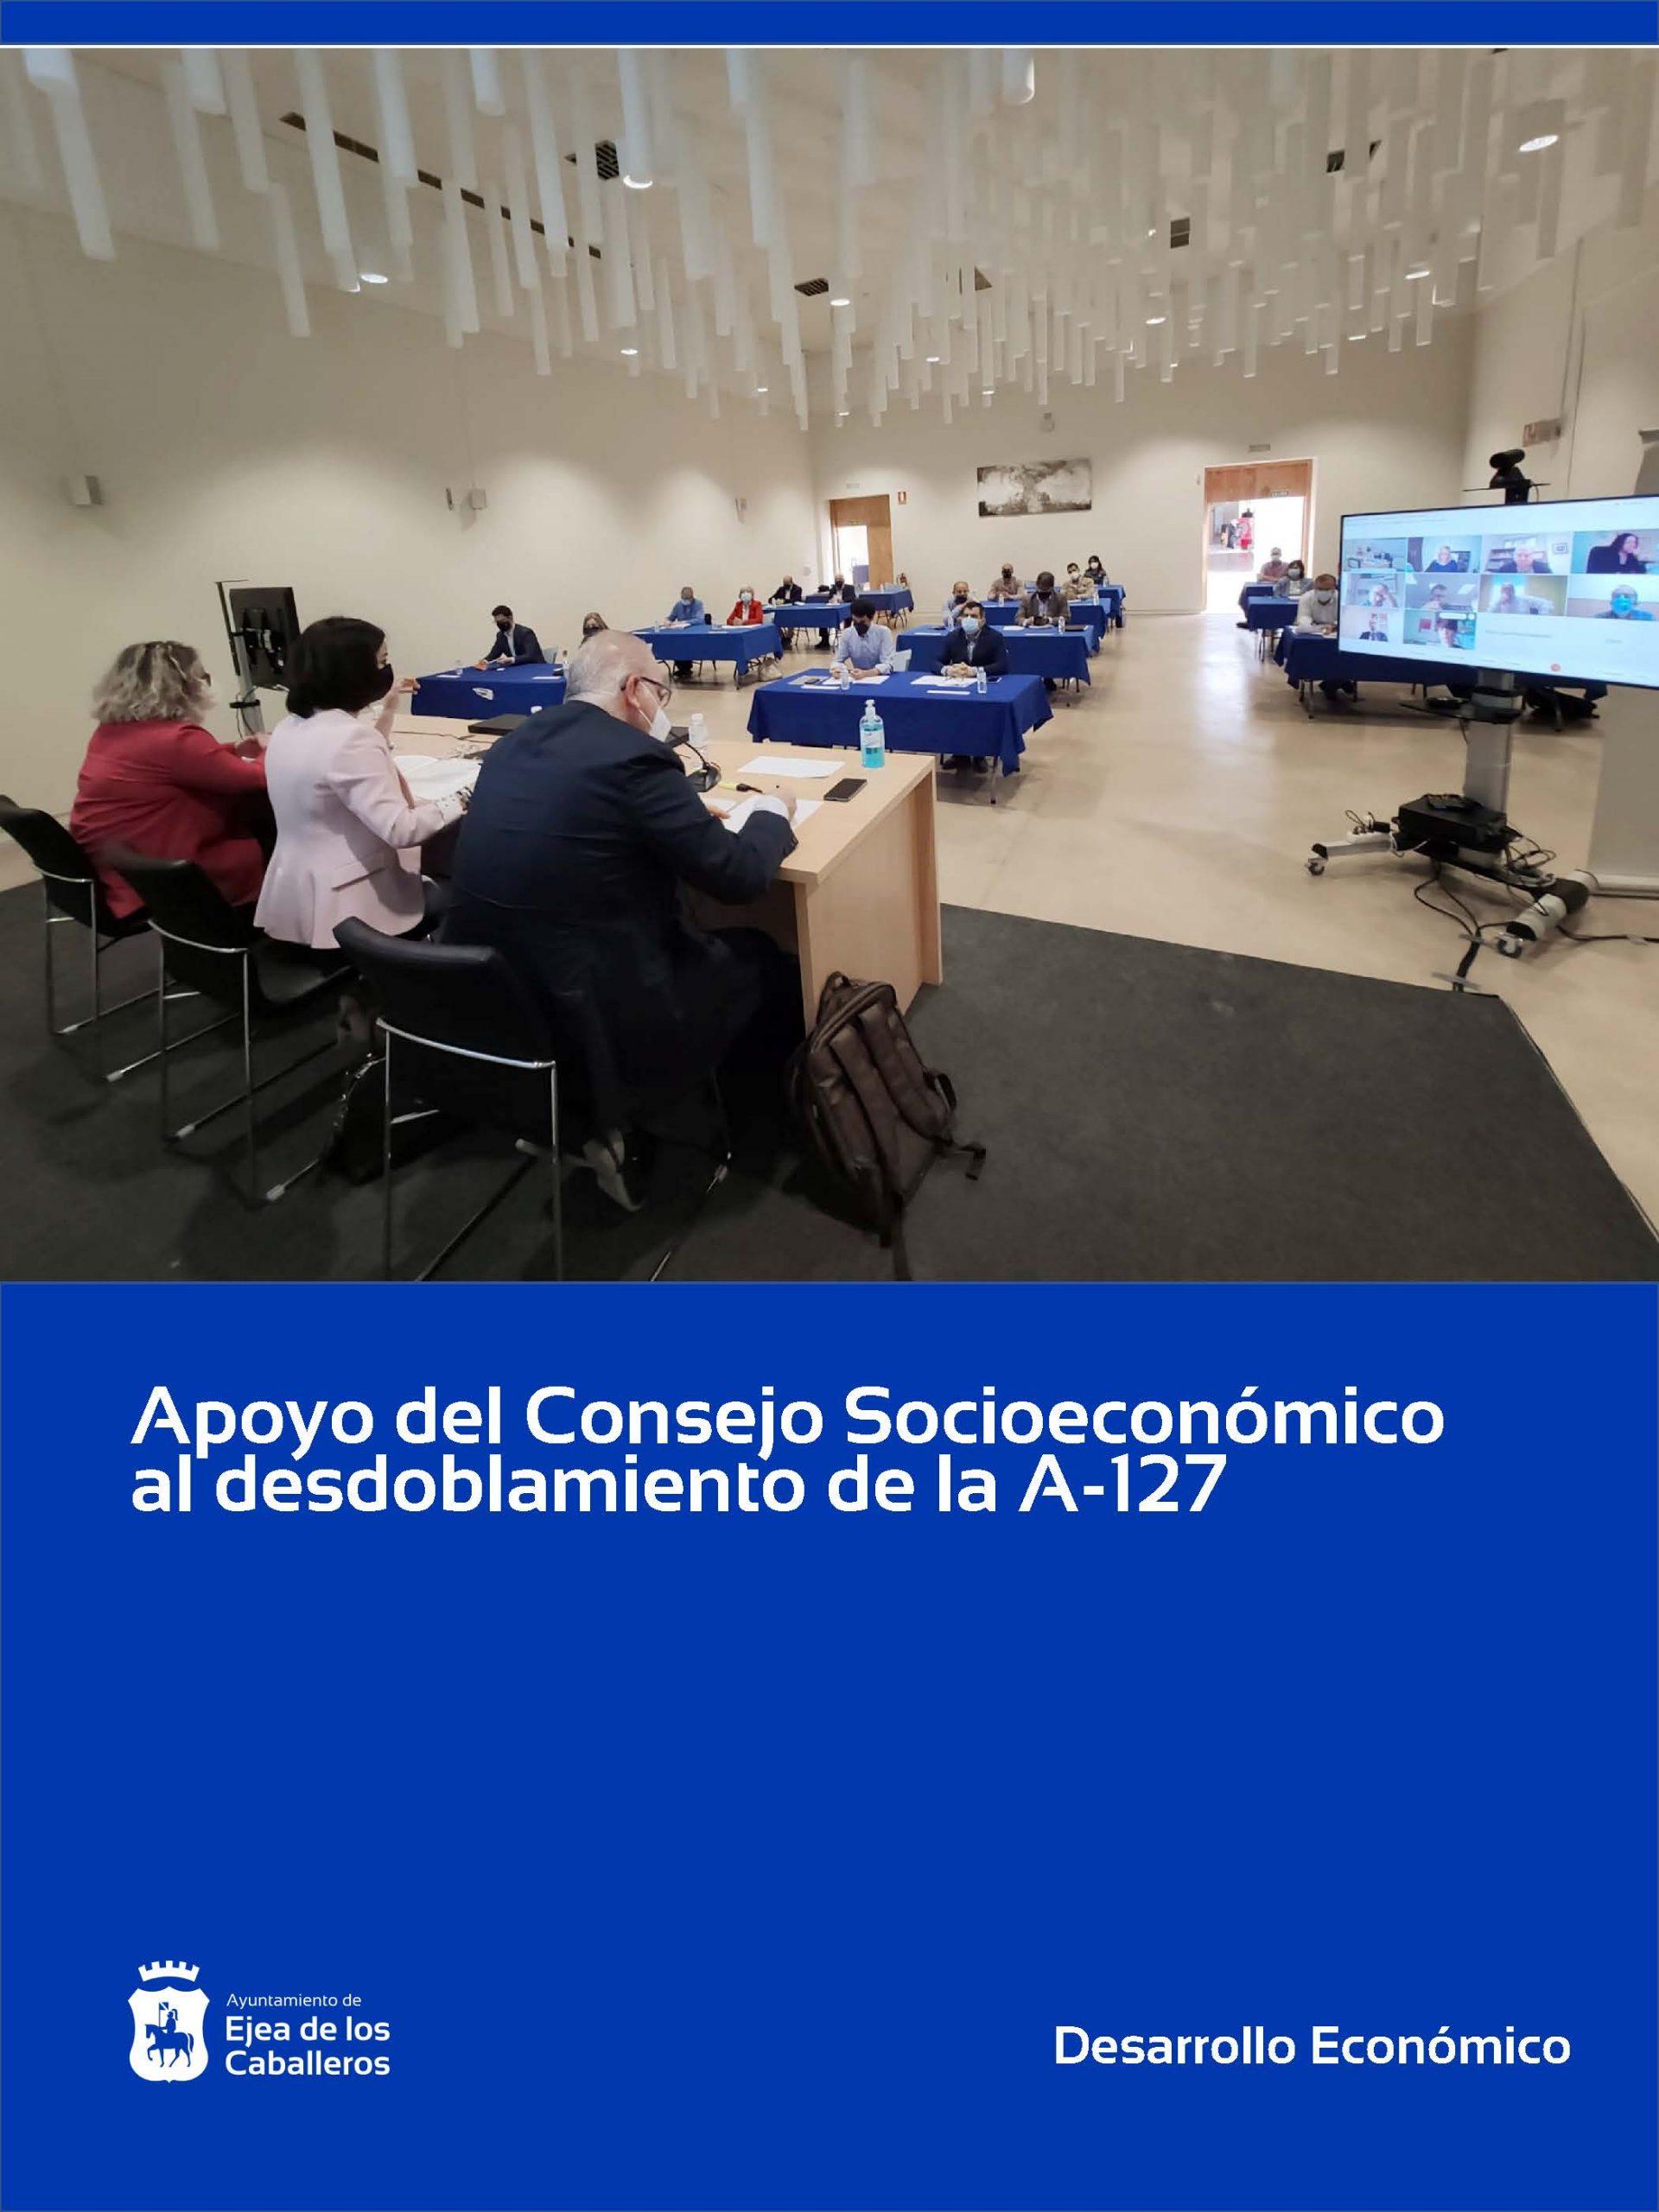 Firme apoyo del Consejo Socioeconómico de Ejea al desdoblamiento de la A-127